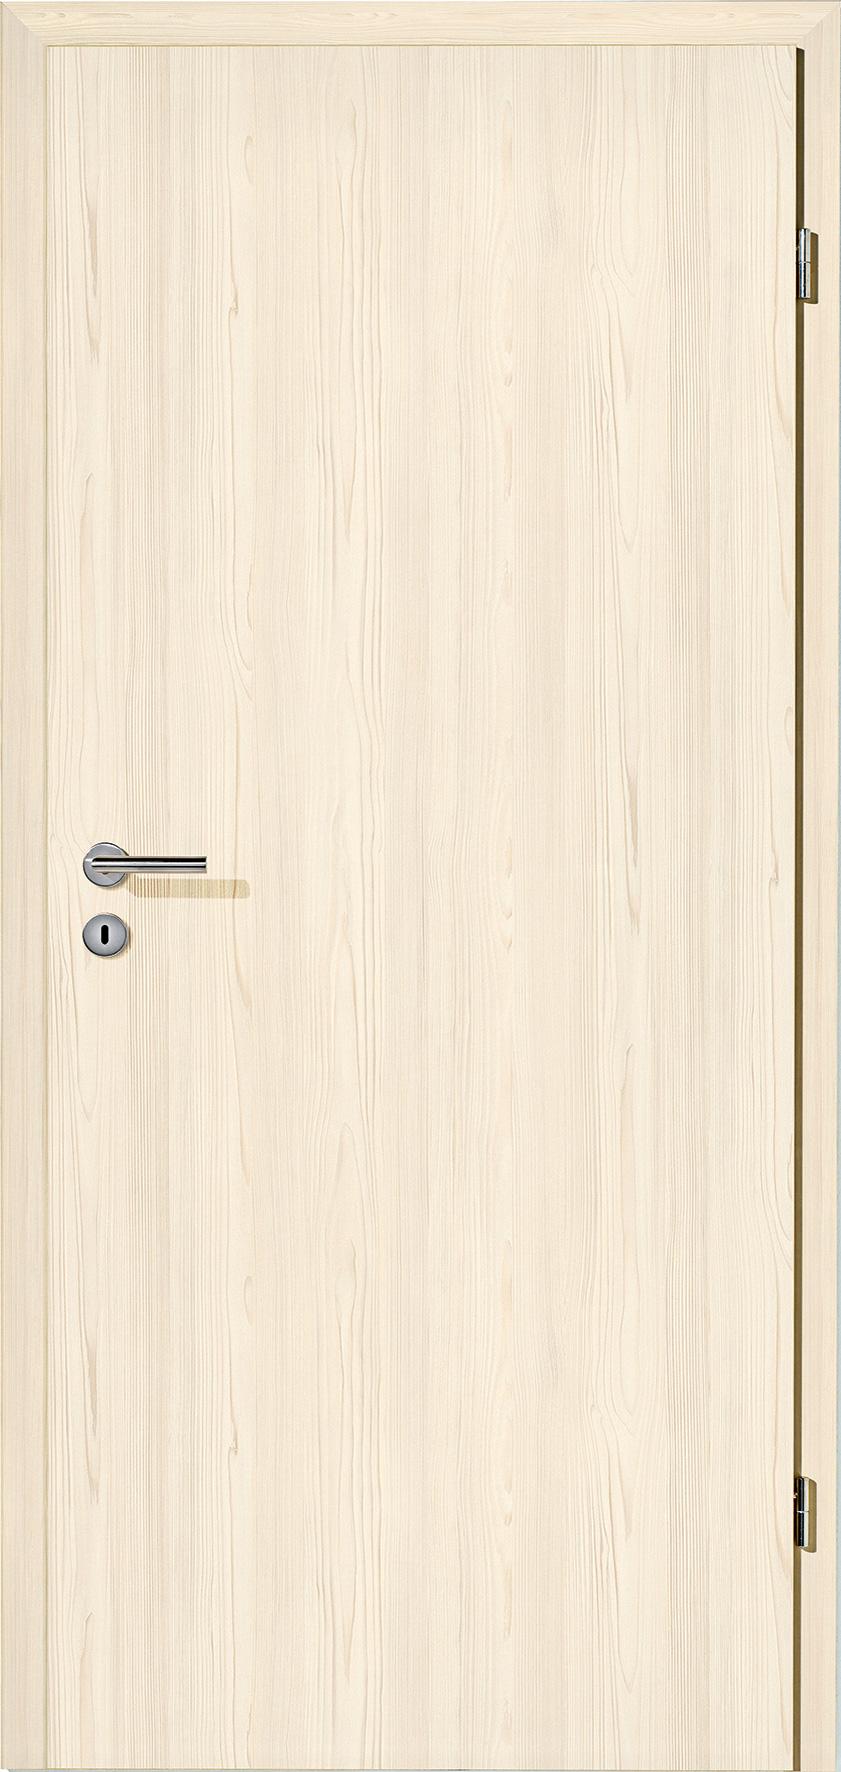 Zimmertüren holz hell  Zeitlose Decora Vital Pinie hell Innentüren von Herholz | herholz.de